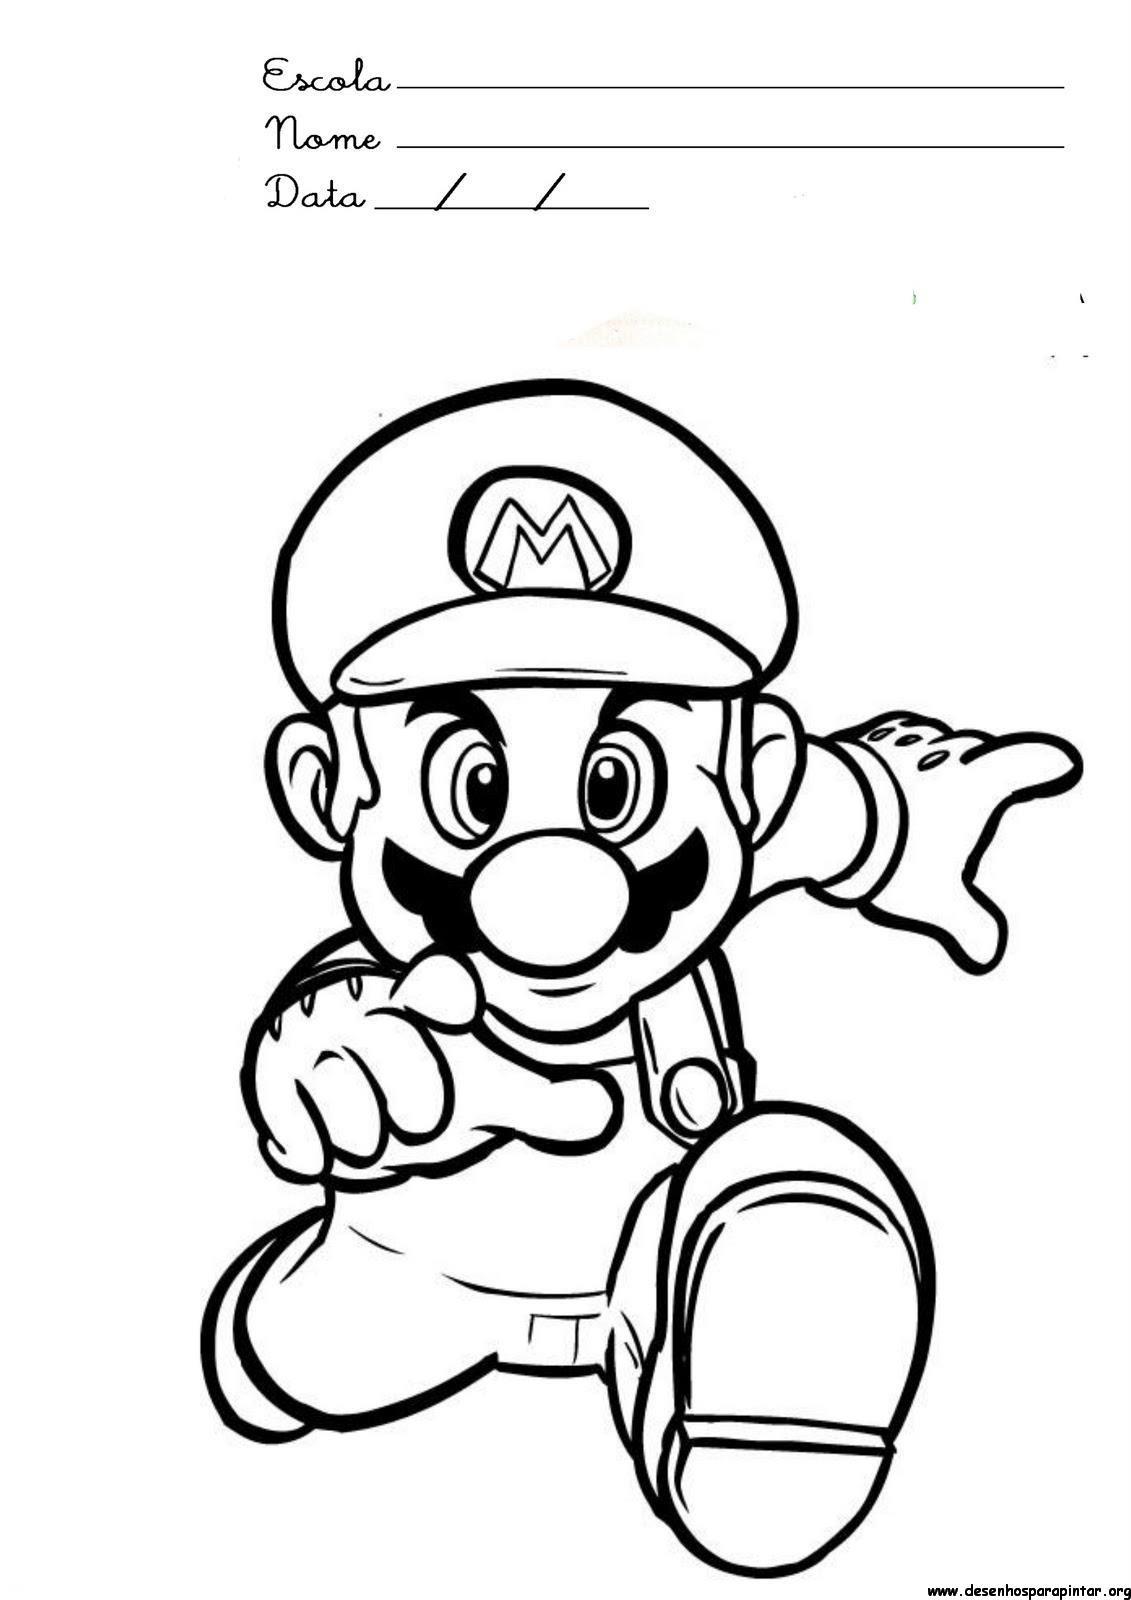 Lujo Mario Y Luigi Para Colorear Imprimibles Imagen - Enmarcado Para ...